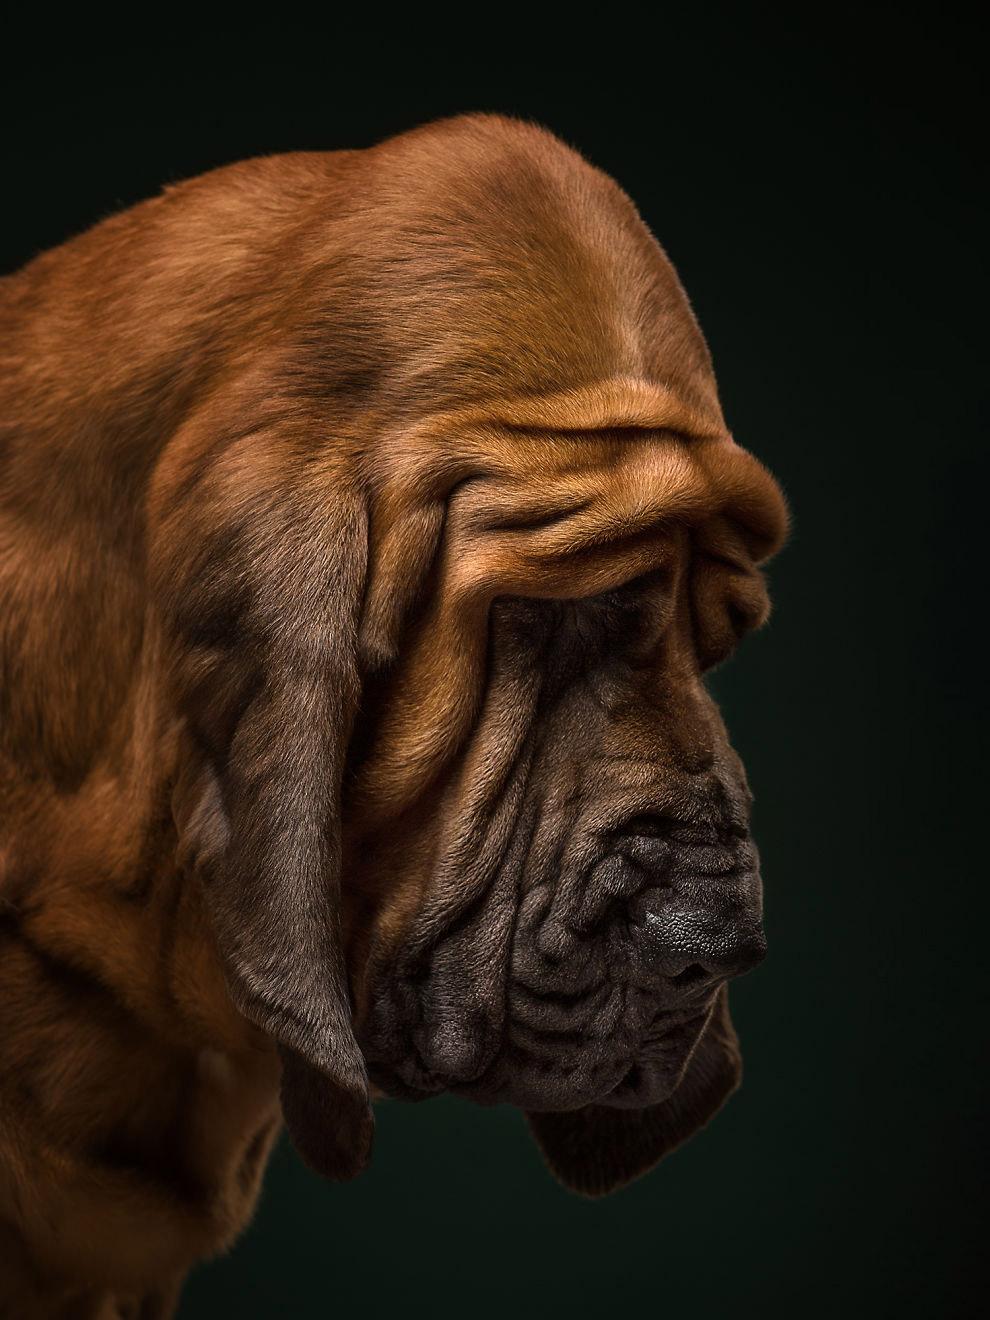 Бладха́унд — порода собак, выведенная в Бельгии